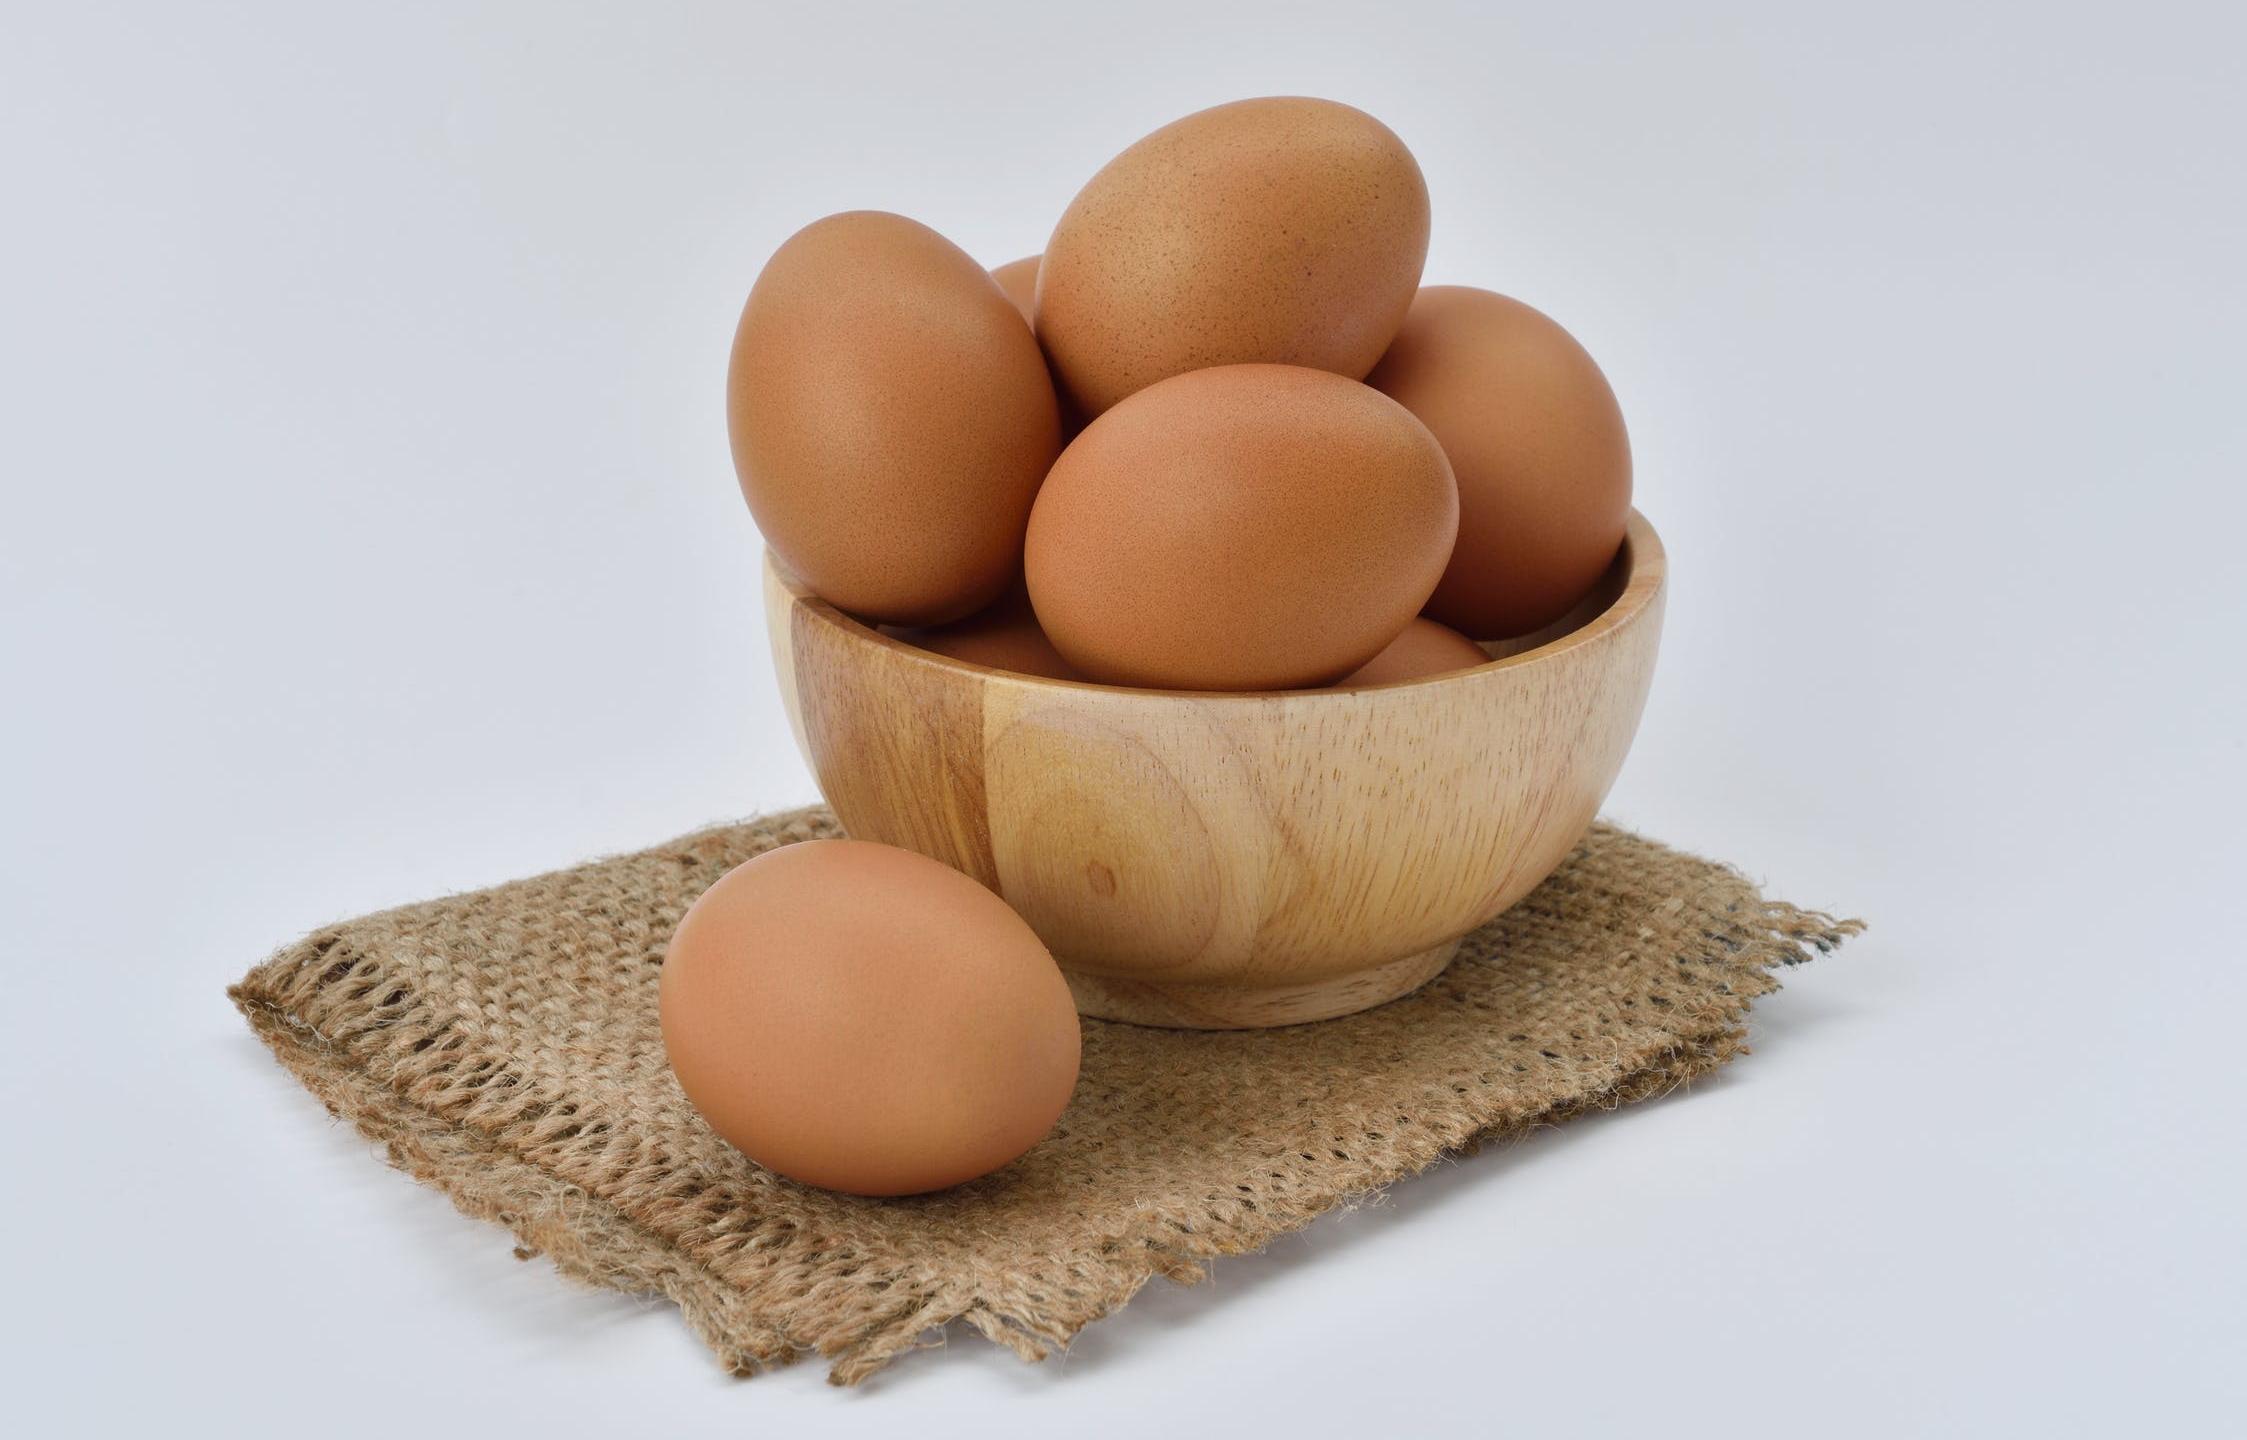 Яйца в Тверской области подорожали на 22,9% в декабре  - новости Афанасий